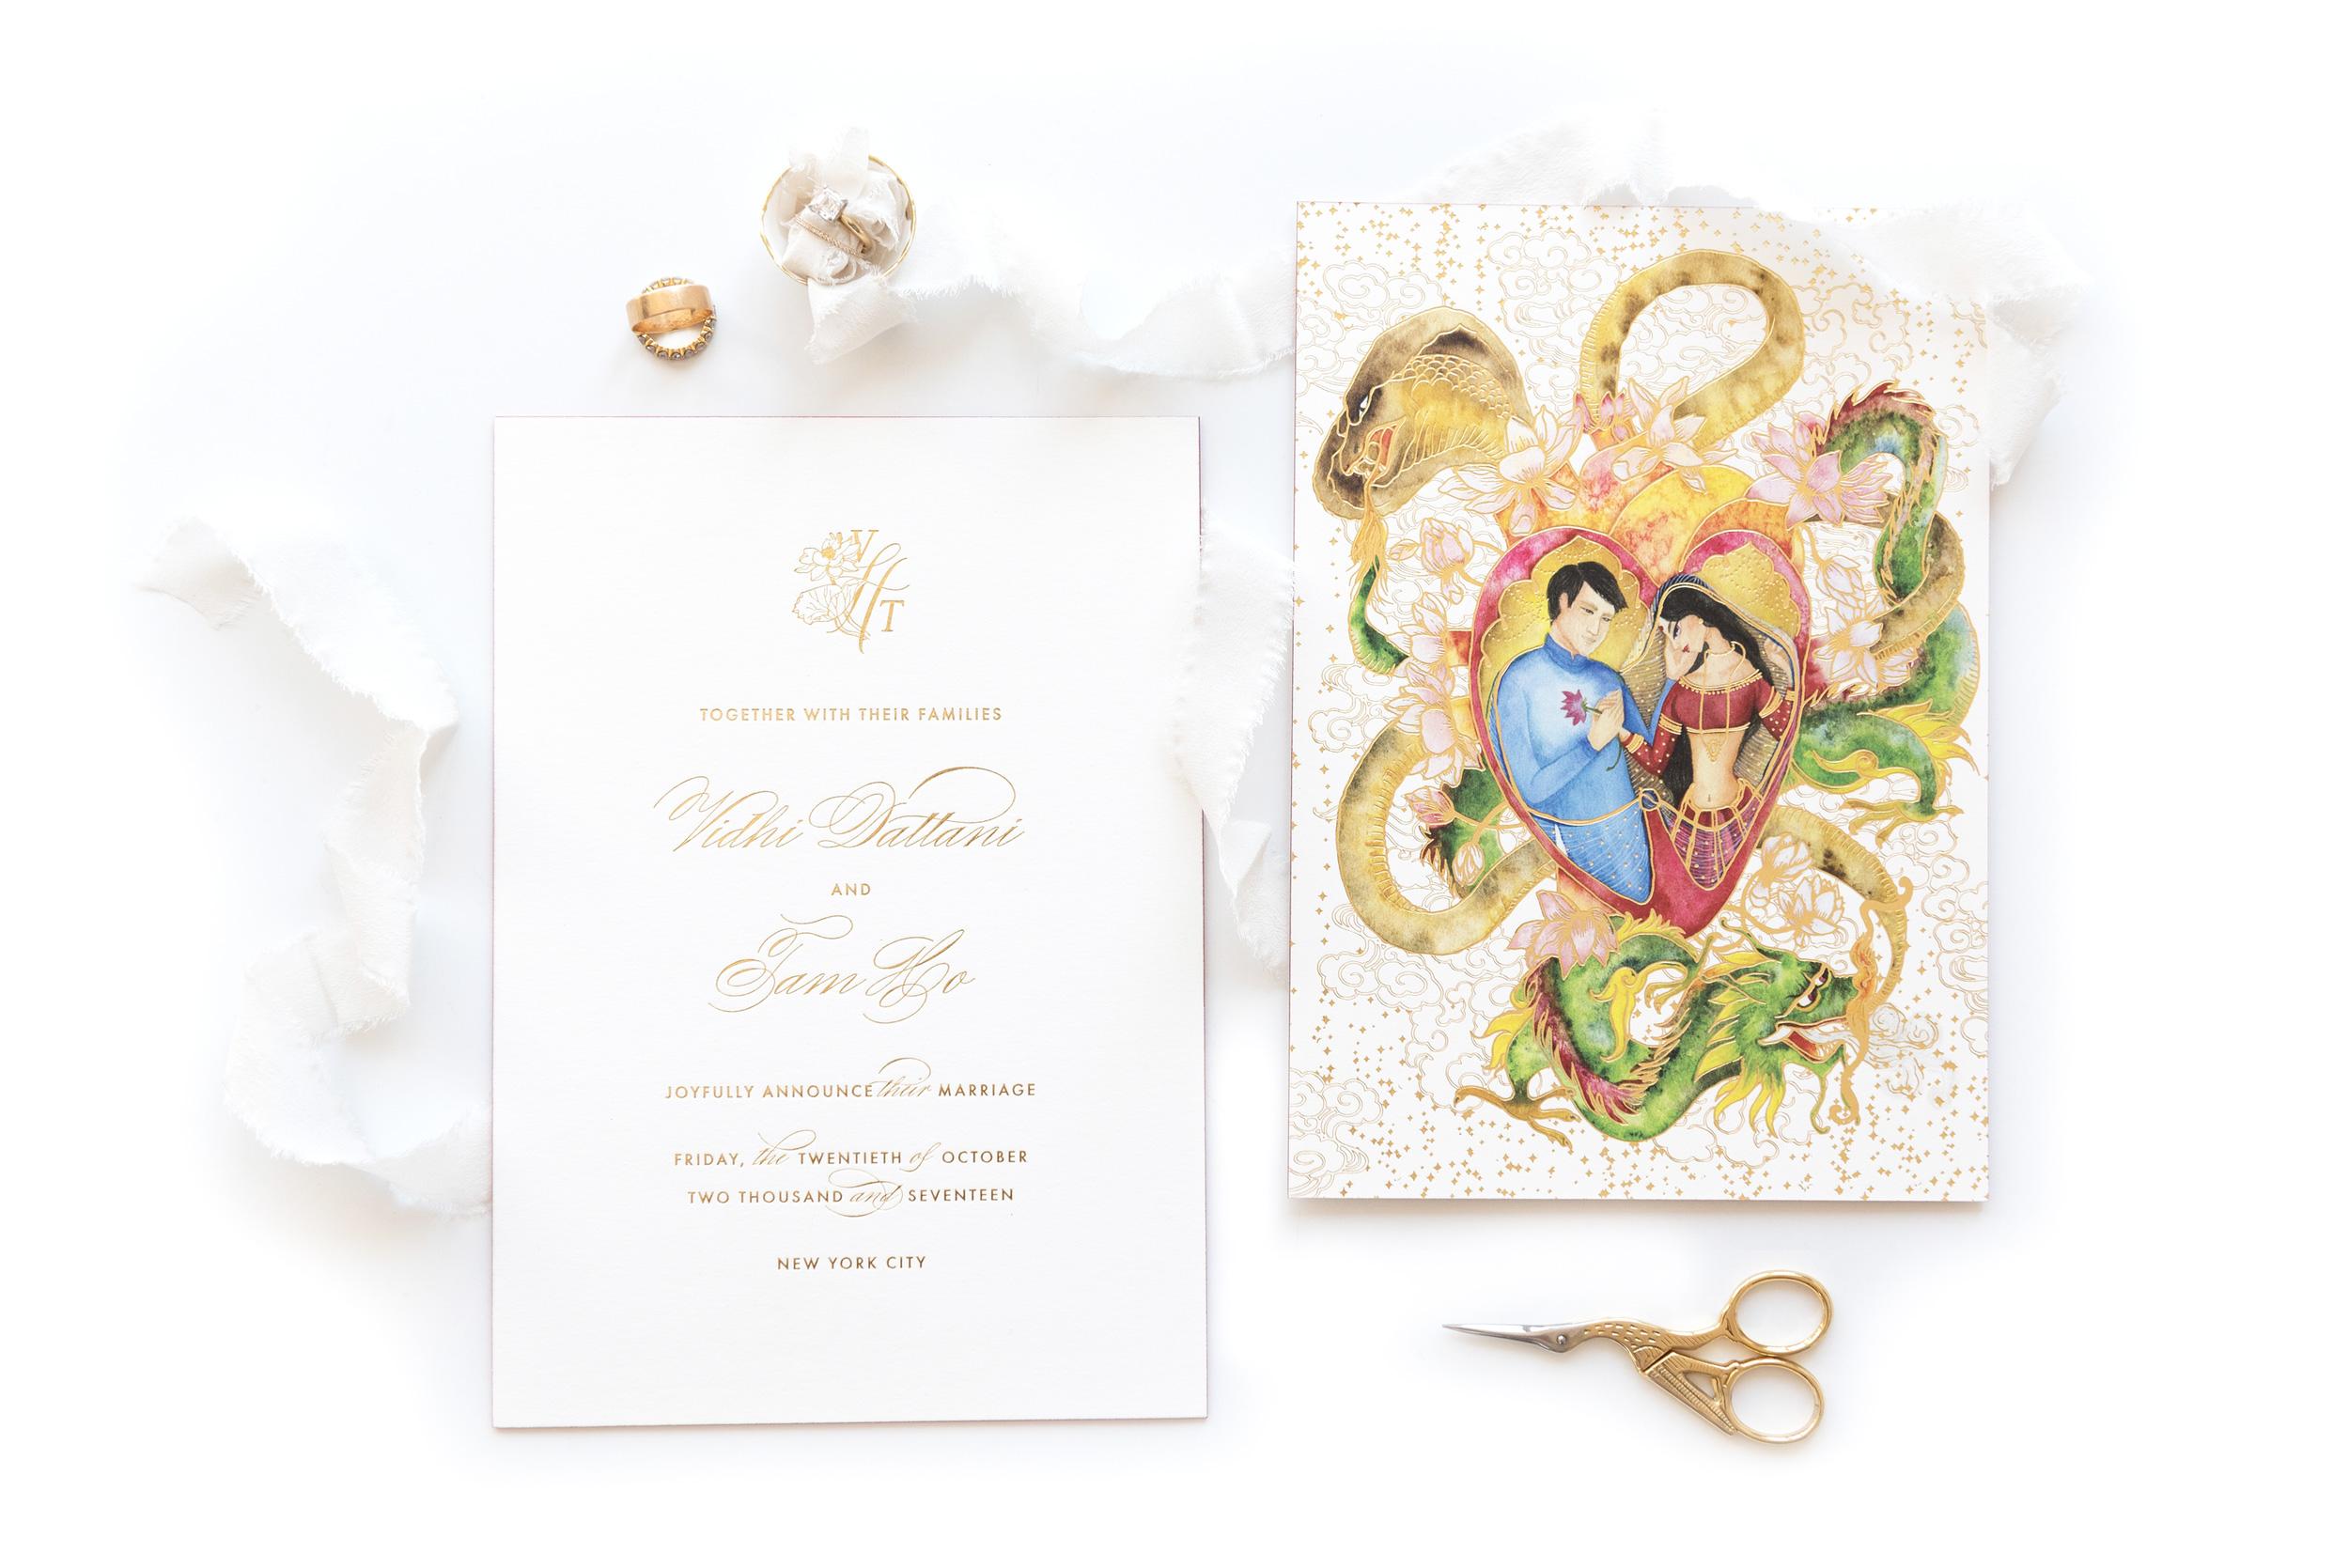 Vidhi-Dattani-Announcement-Watercolor-foil-letterpress.jpg